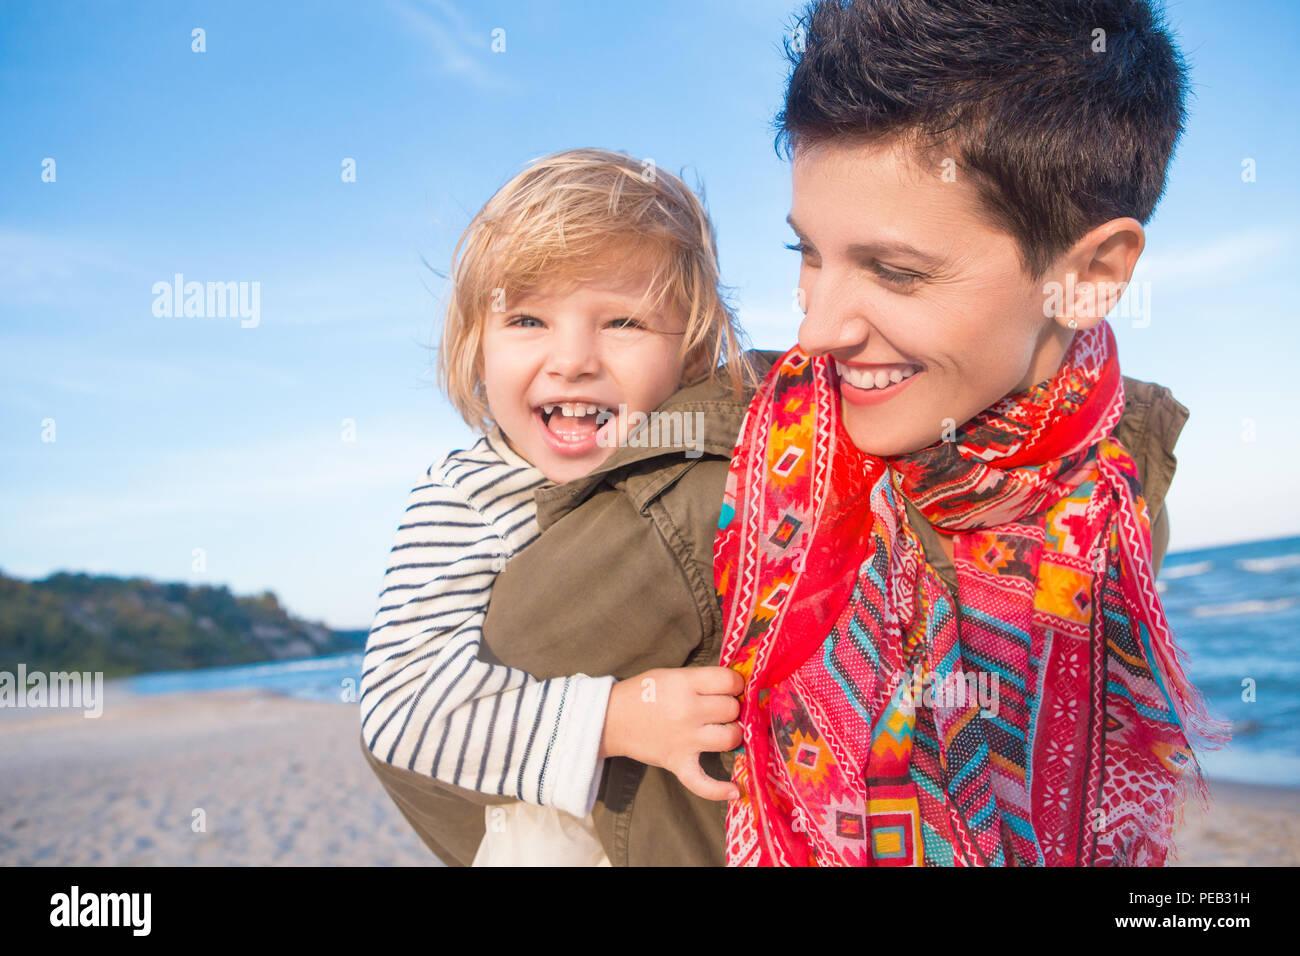 Group portrait of smiling white Caucasian mother and daughter baby girl, piggy back riding, à l'exécutant sur Océan mer plage au coucher du soleil en plein air, HAP Photo Stock